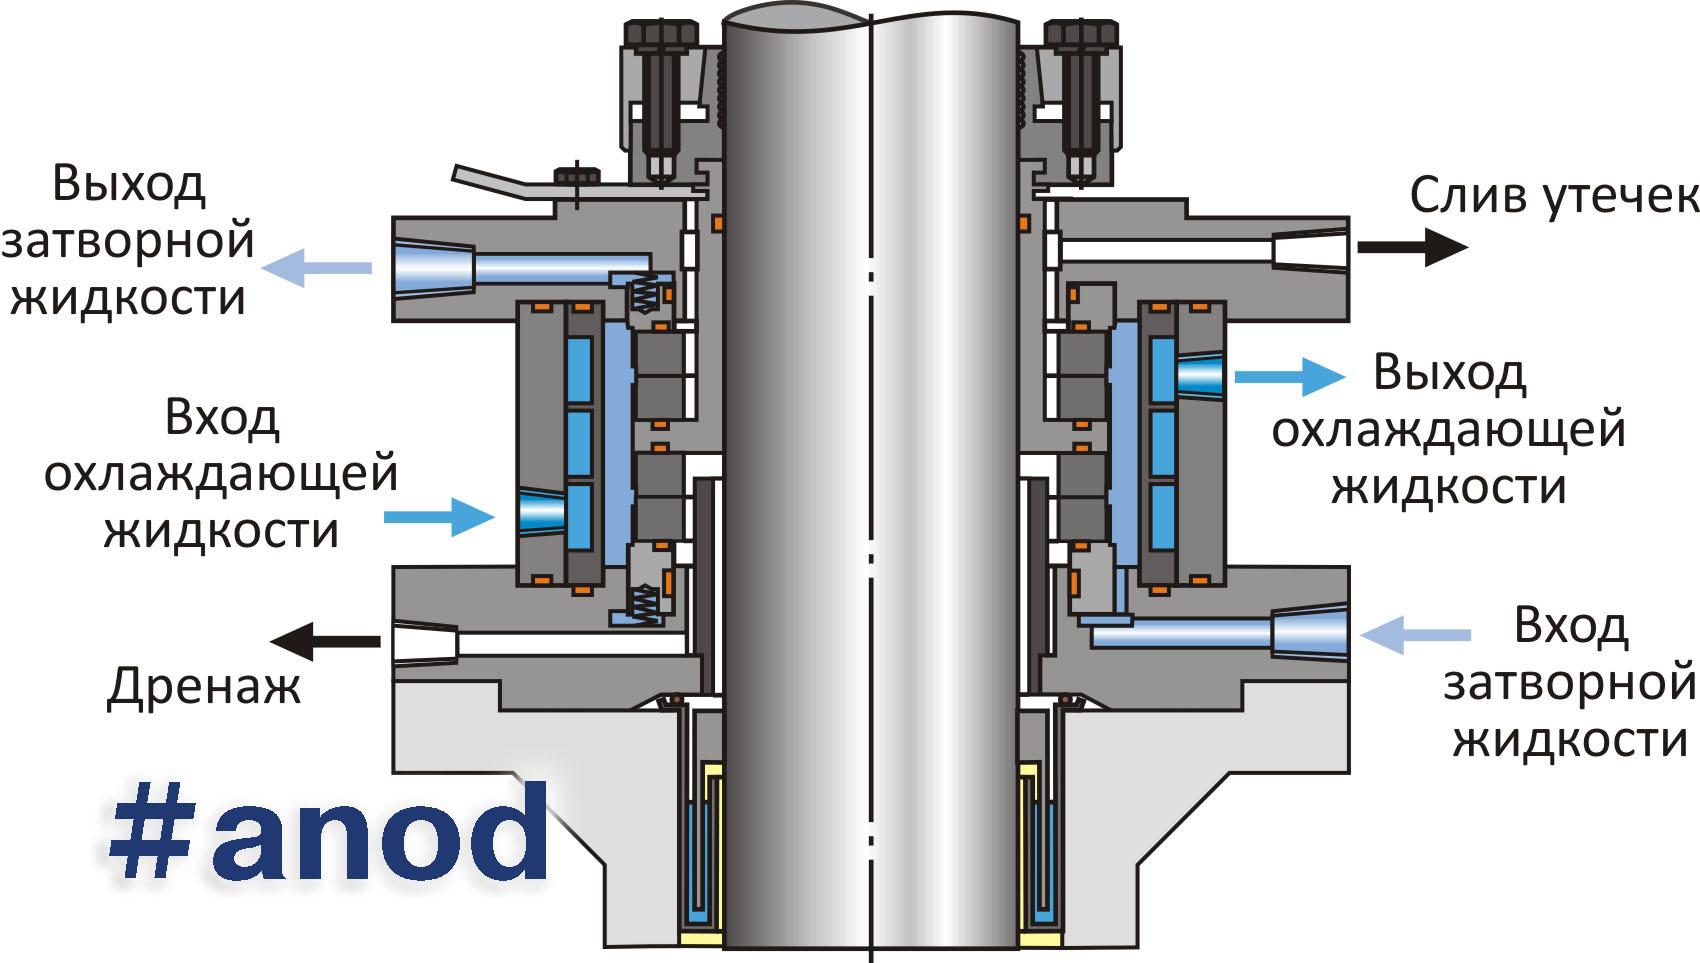 Торцовое или торцевое уплотнение как правильно Полуразборный паяный теплообменник Машимпэкс (GEA) GGE-DG500 Якутск